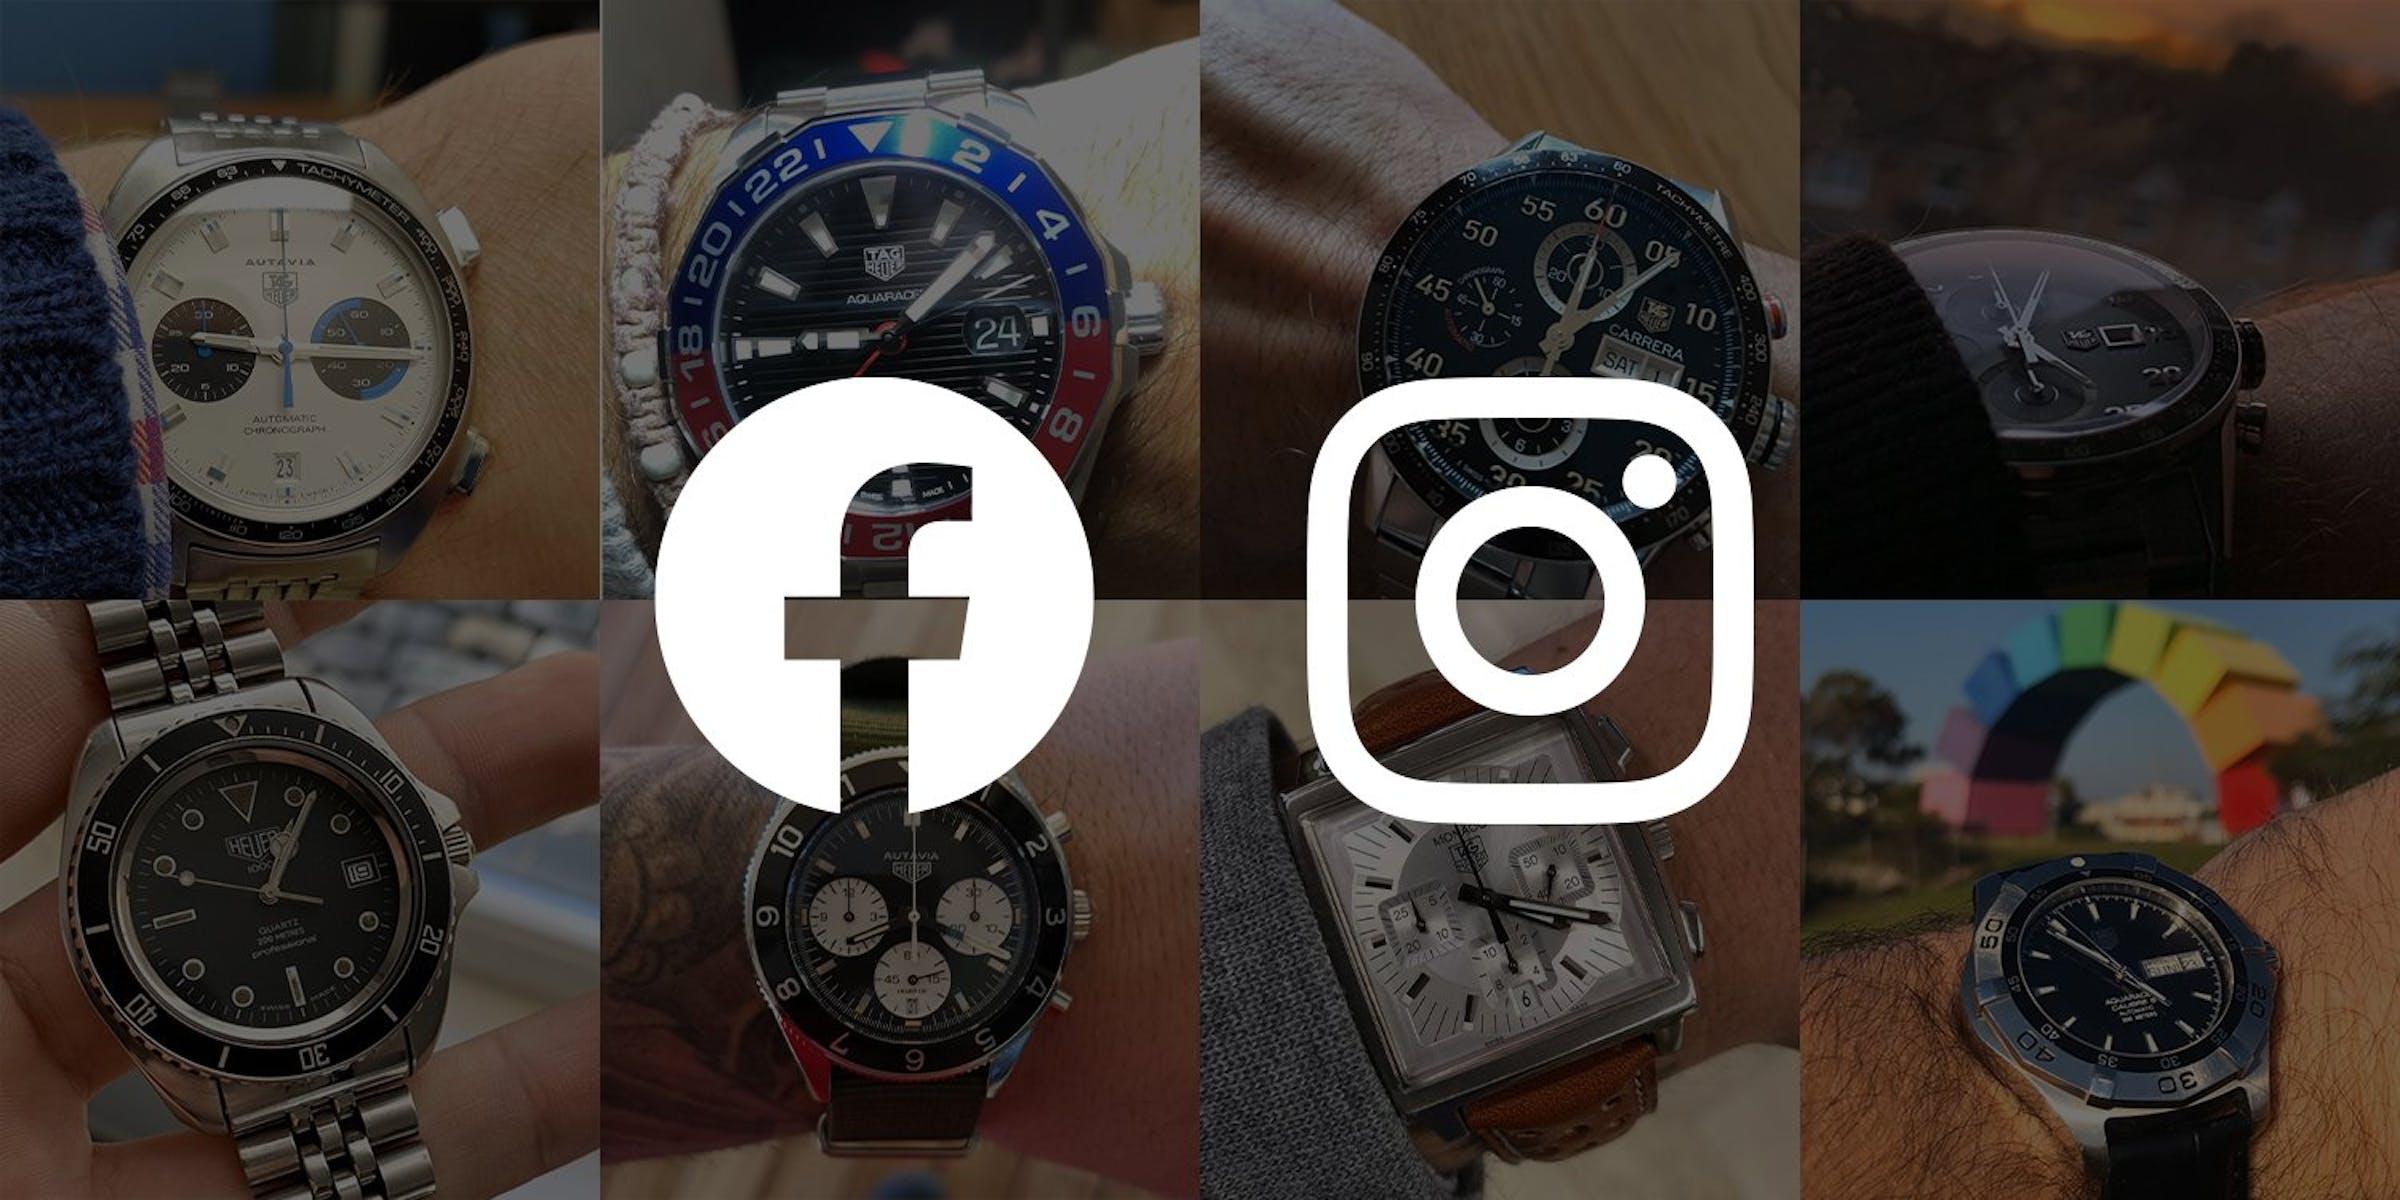 CAM-1005-Tag-Heuer-Brand-Week-Wrist-Shot-Gallery-2-1